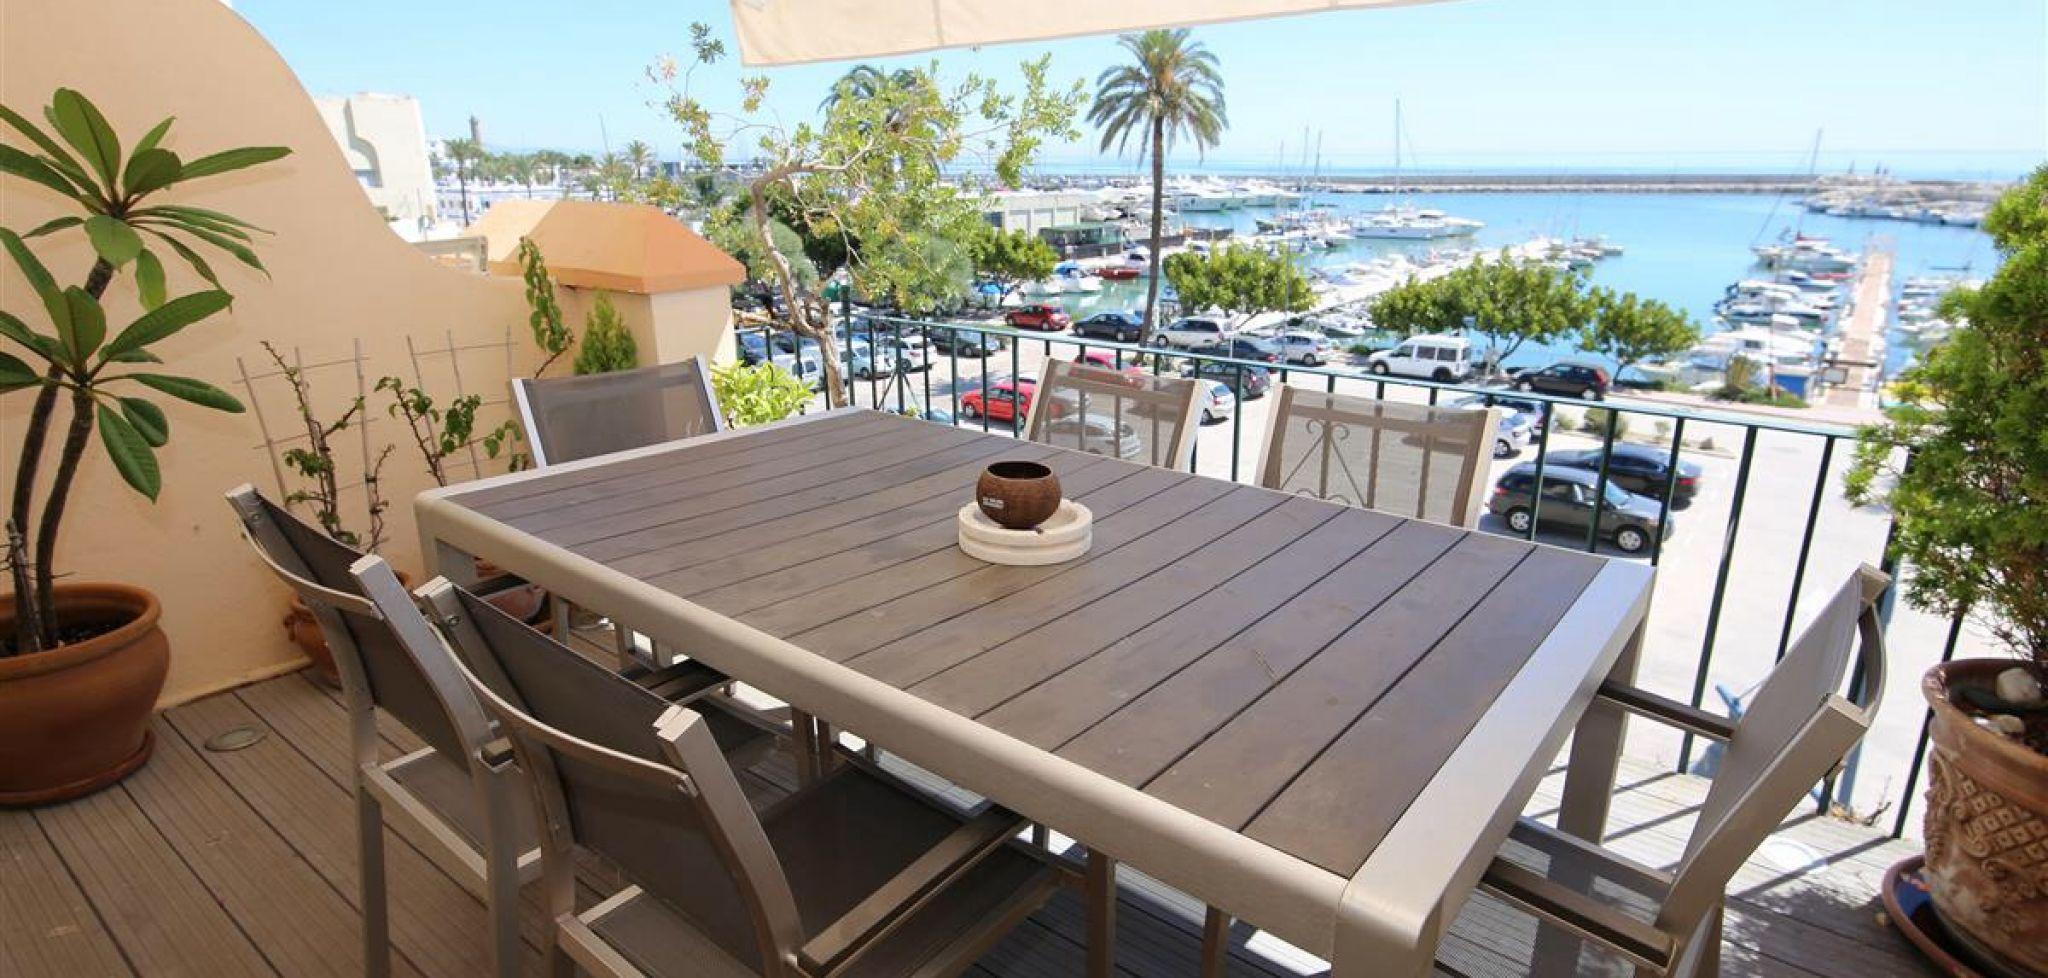 Casa adosada en primera línea de playa con vistas al puerto deportivo de Estepona